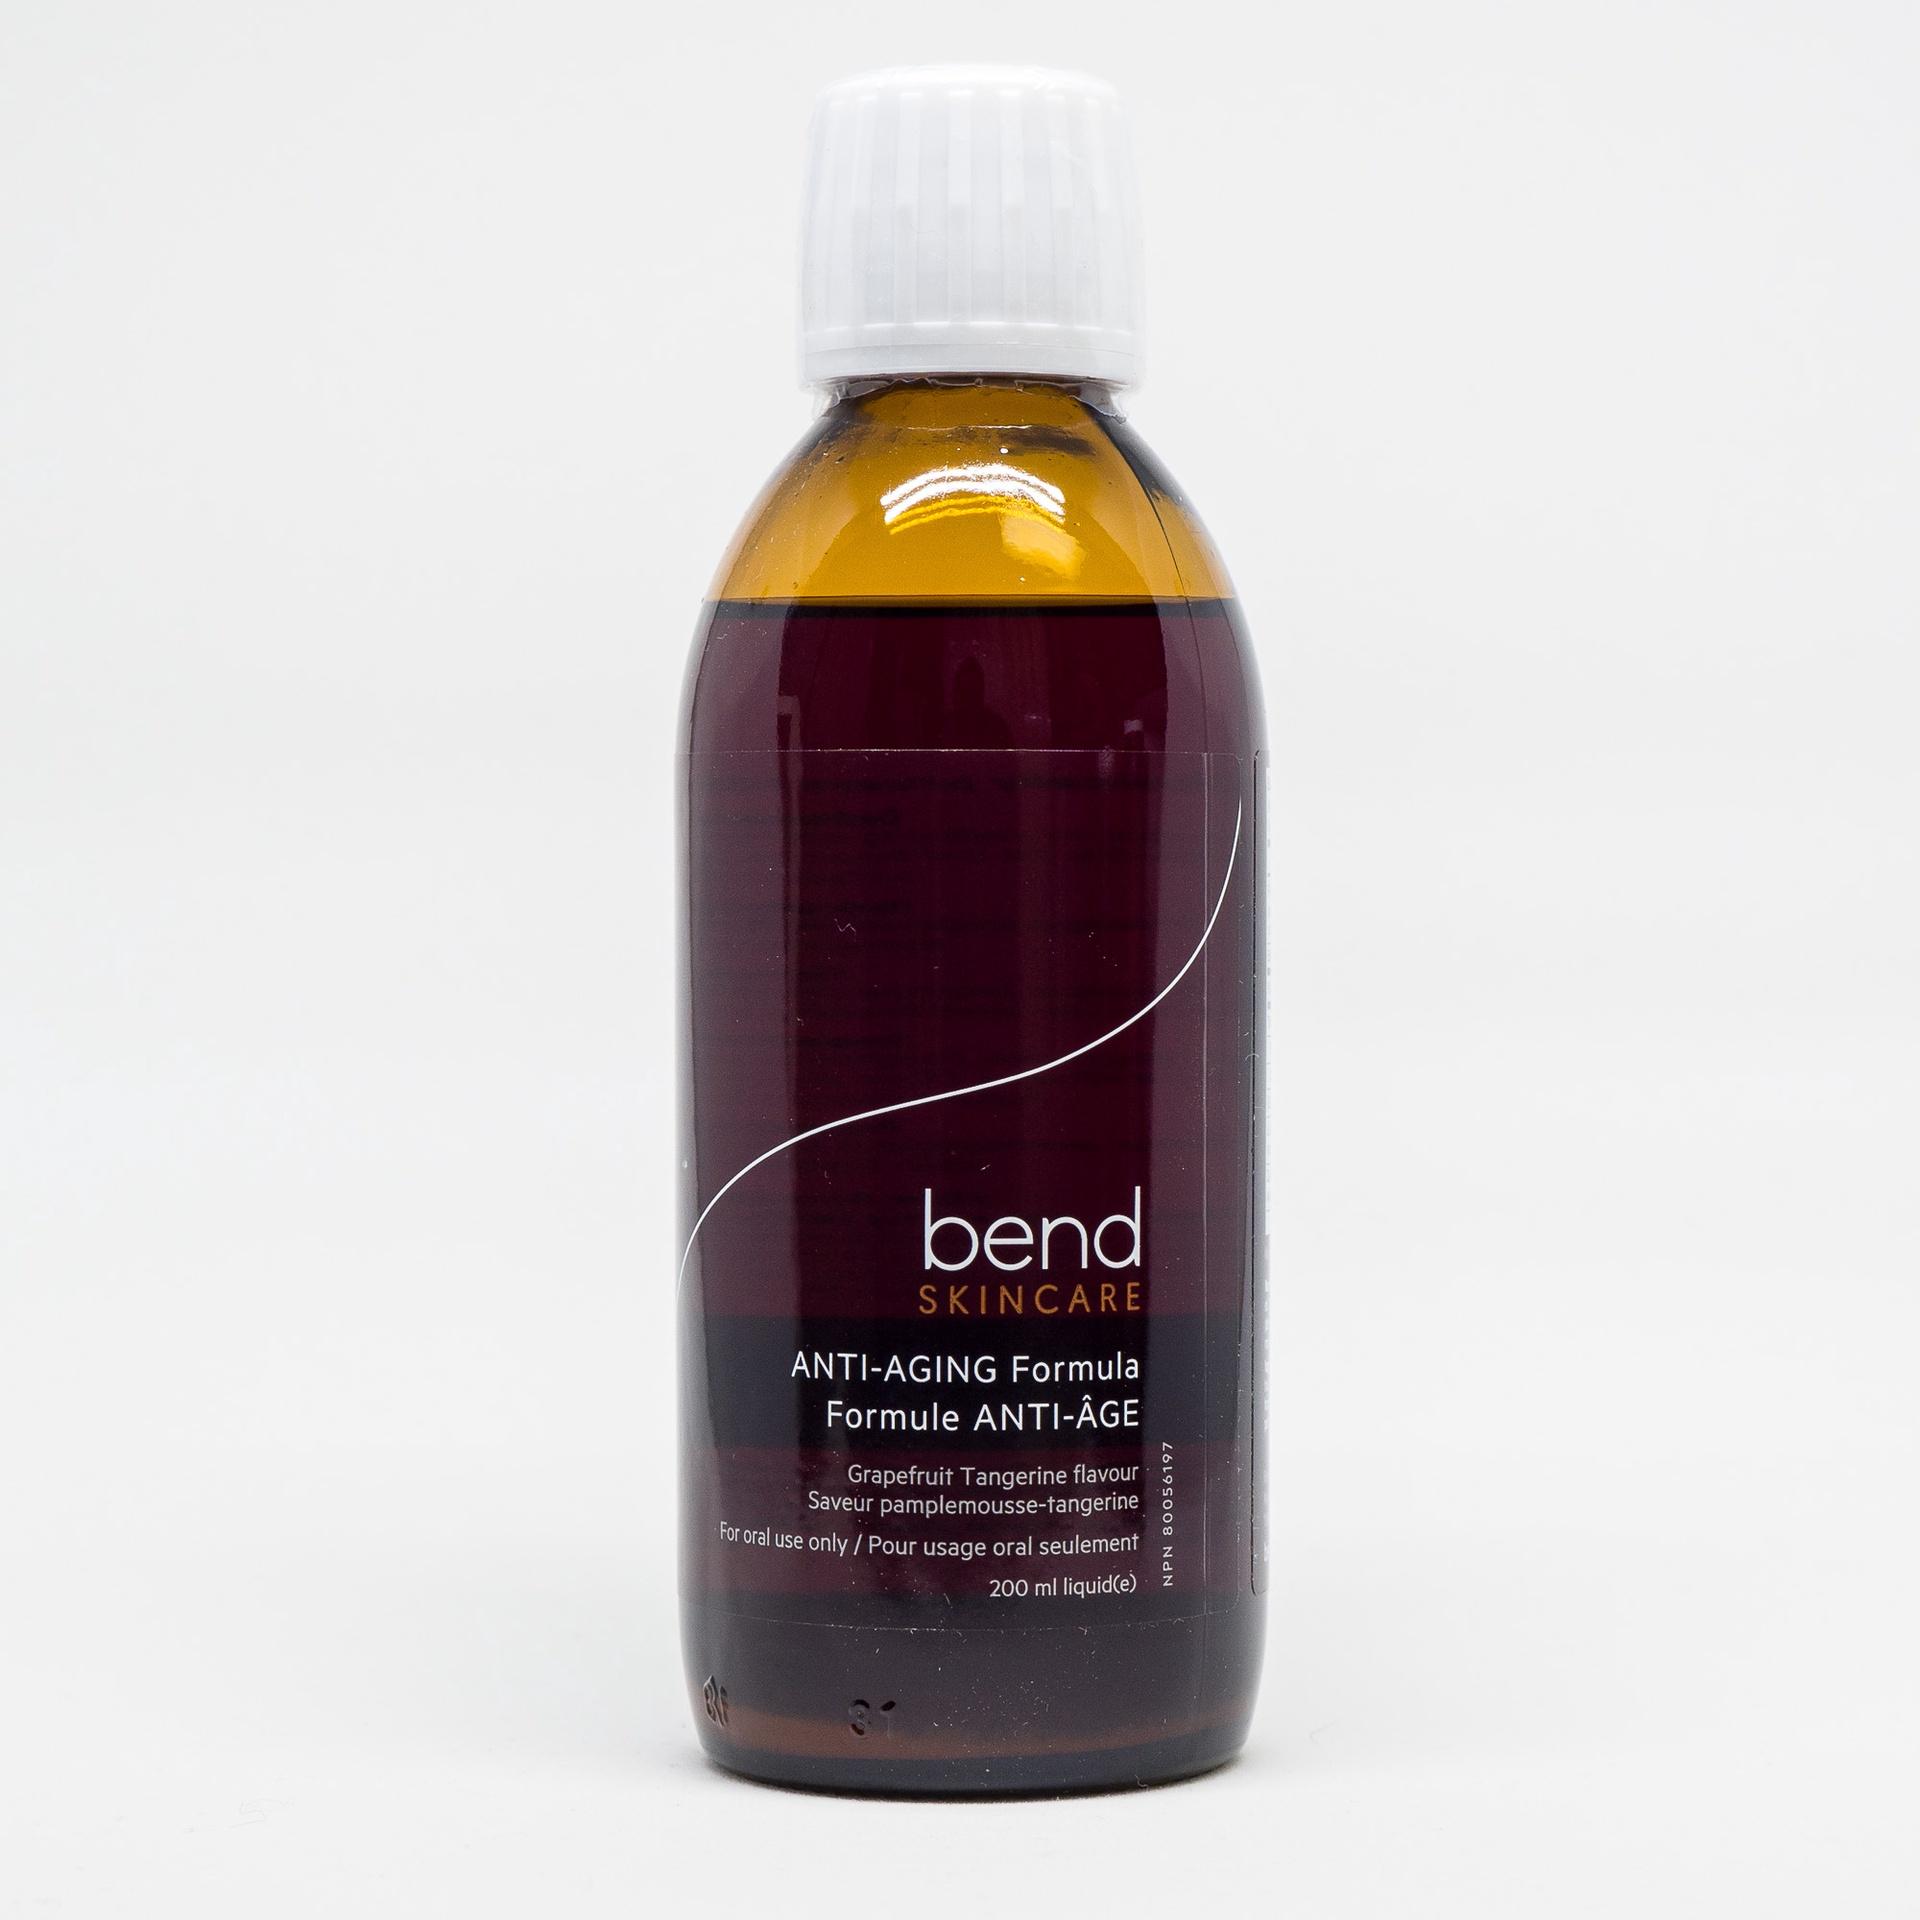 Bend Anti-Aging - Liquid